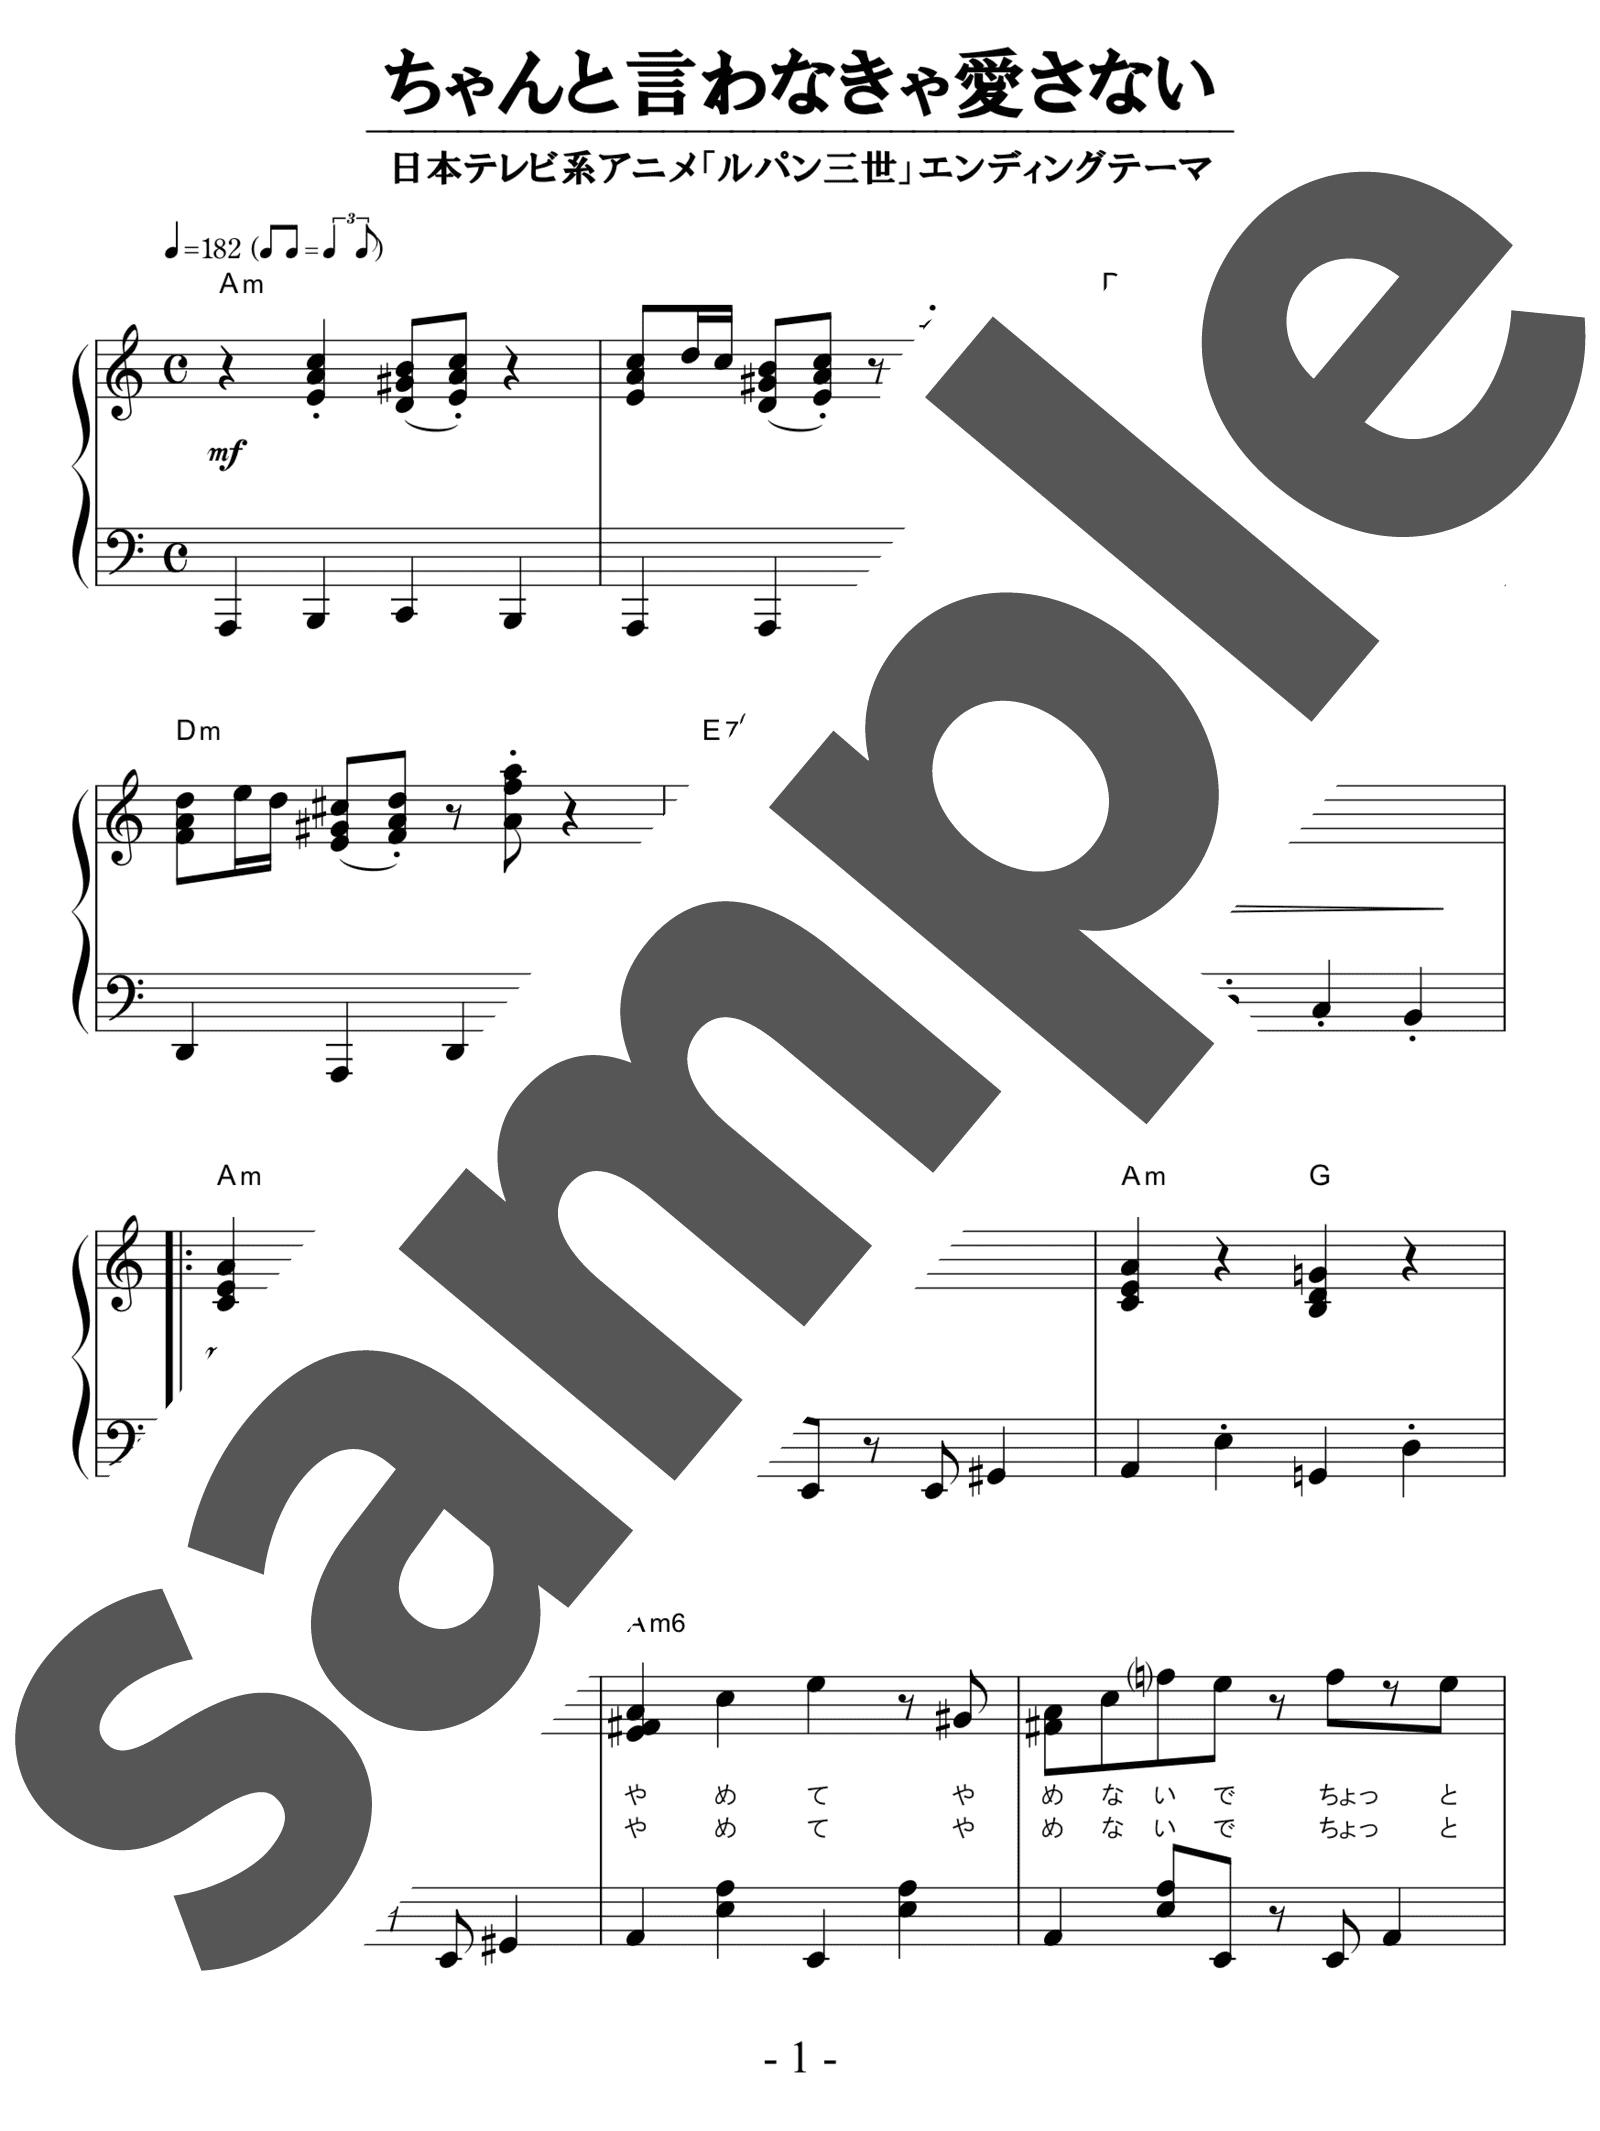 「ちゃんと言わなきゃ愛さない」のサンプル楽譜